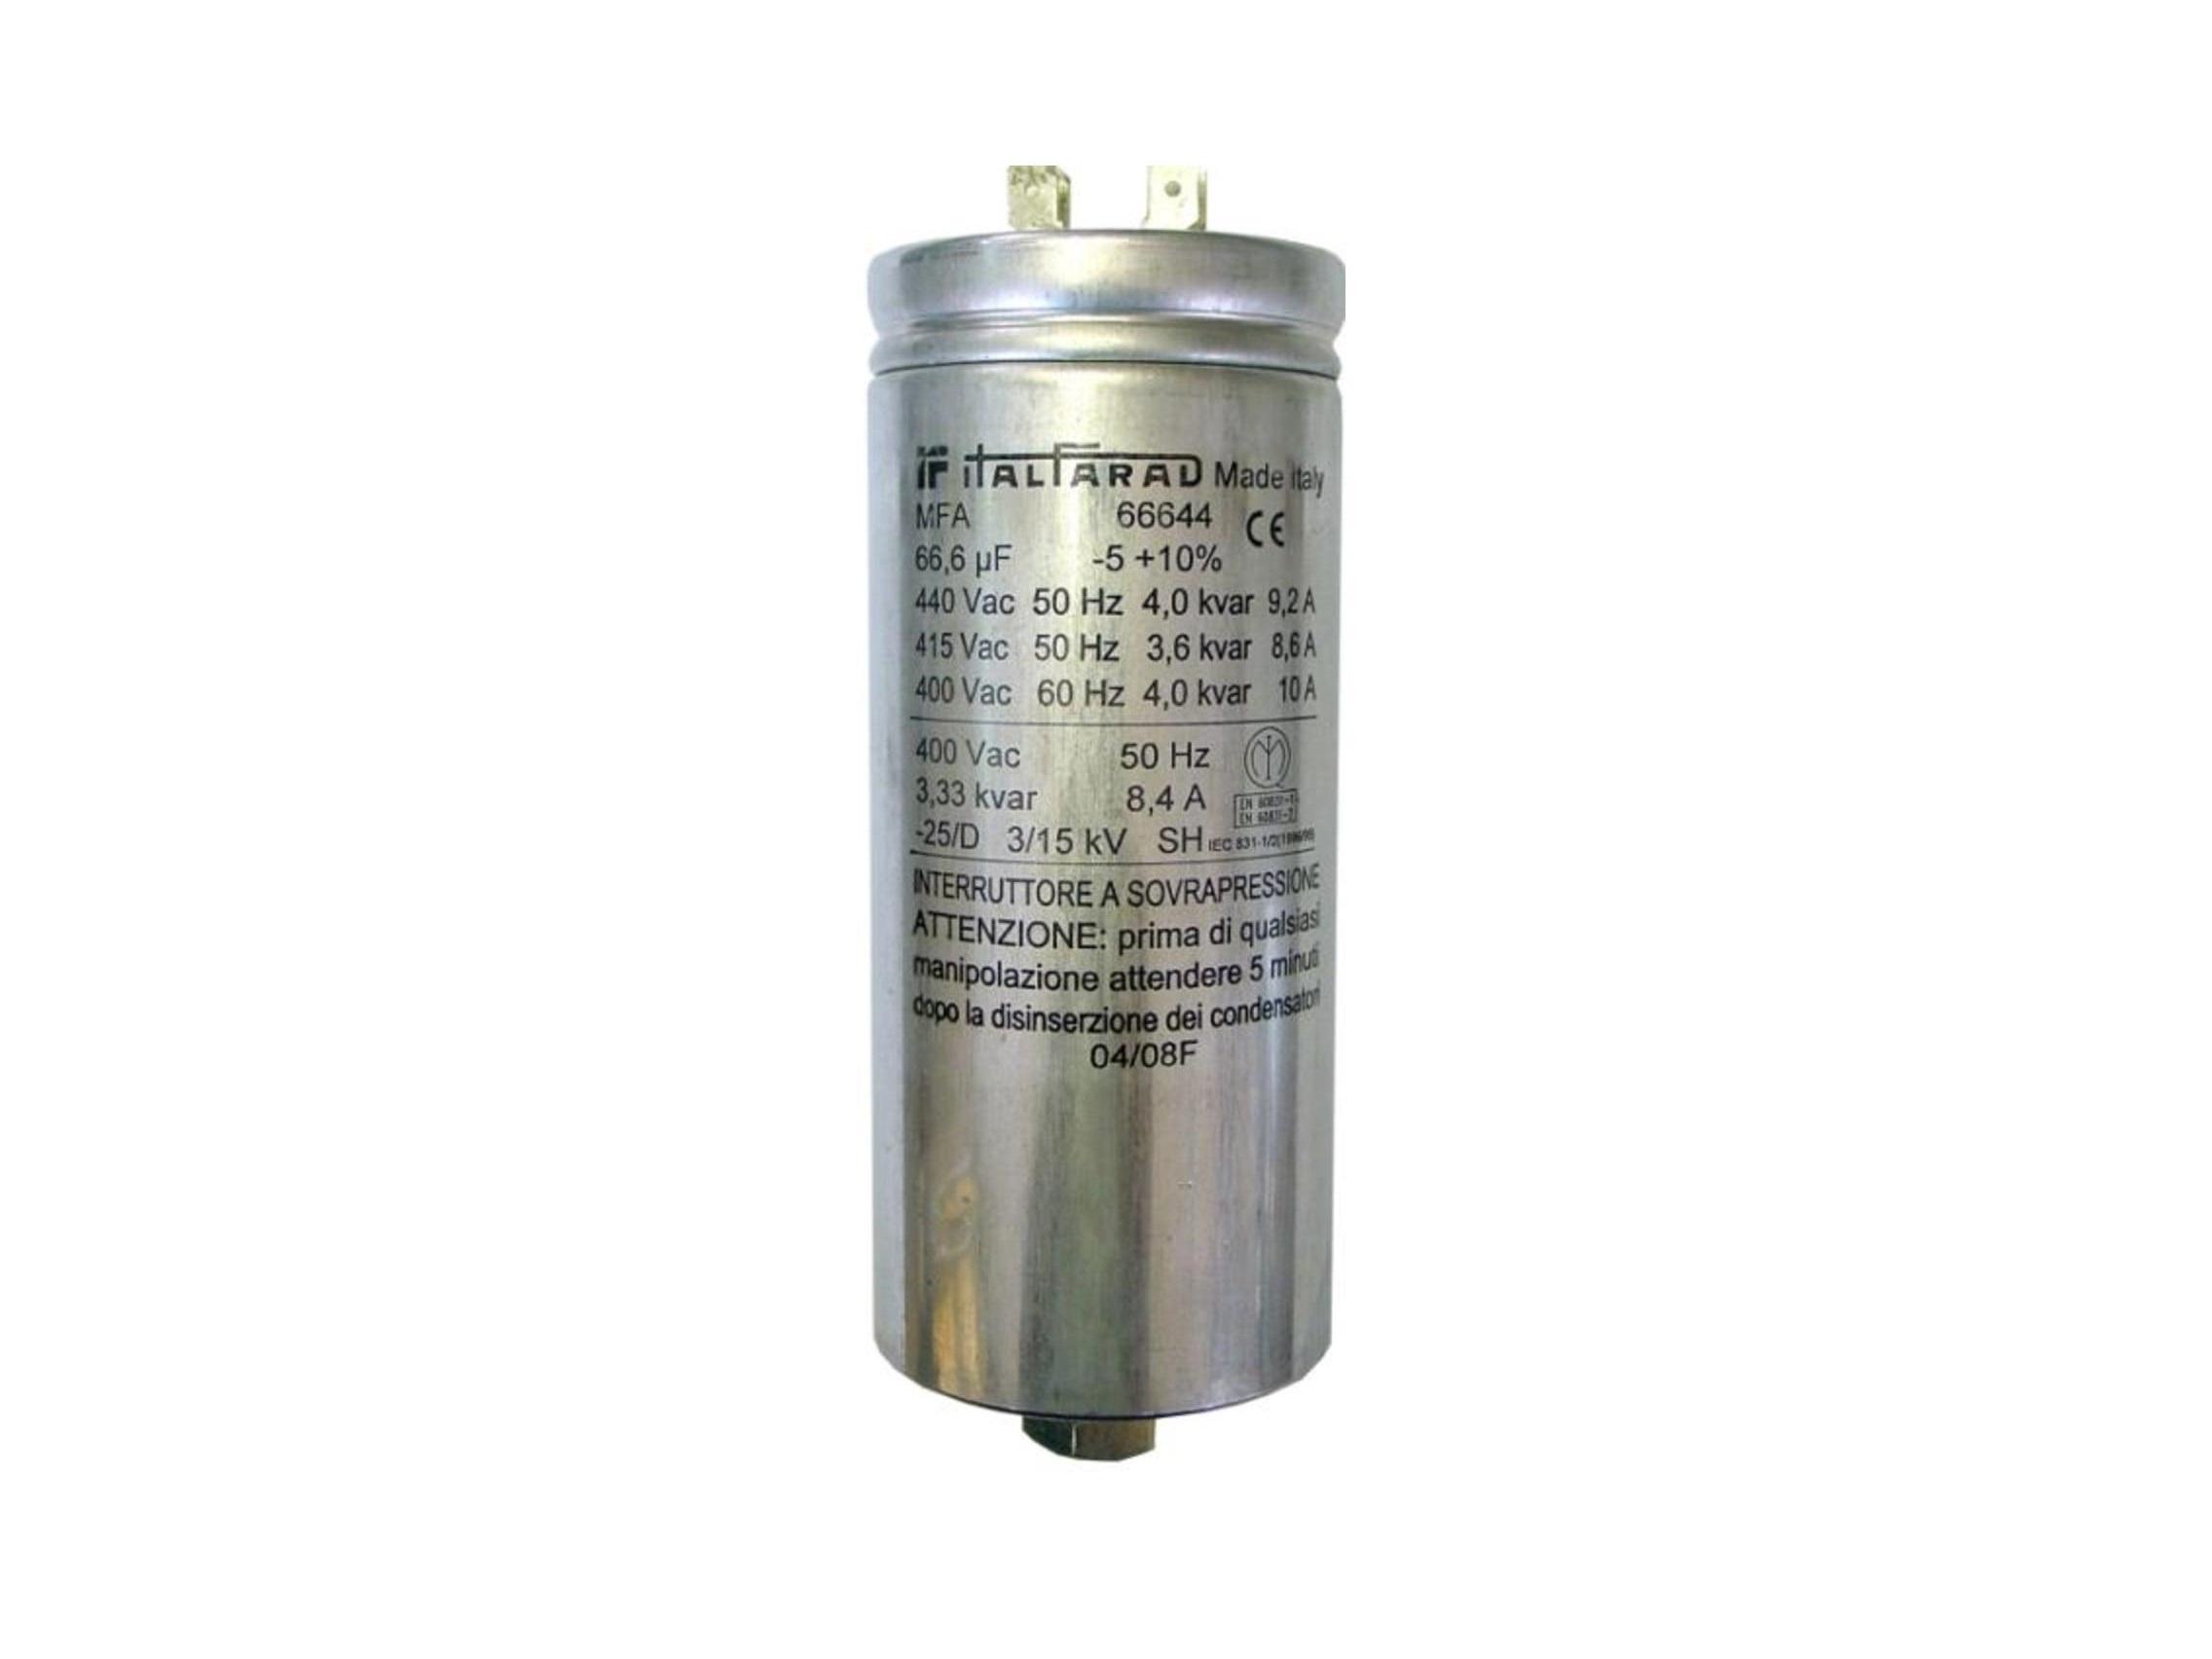 mfa66644 66 6 uf 440 vac capacitor capacitor industries